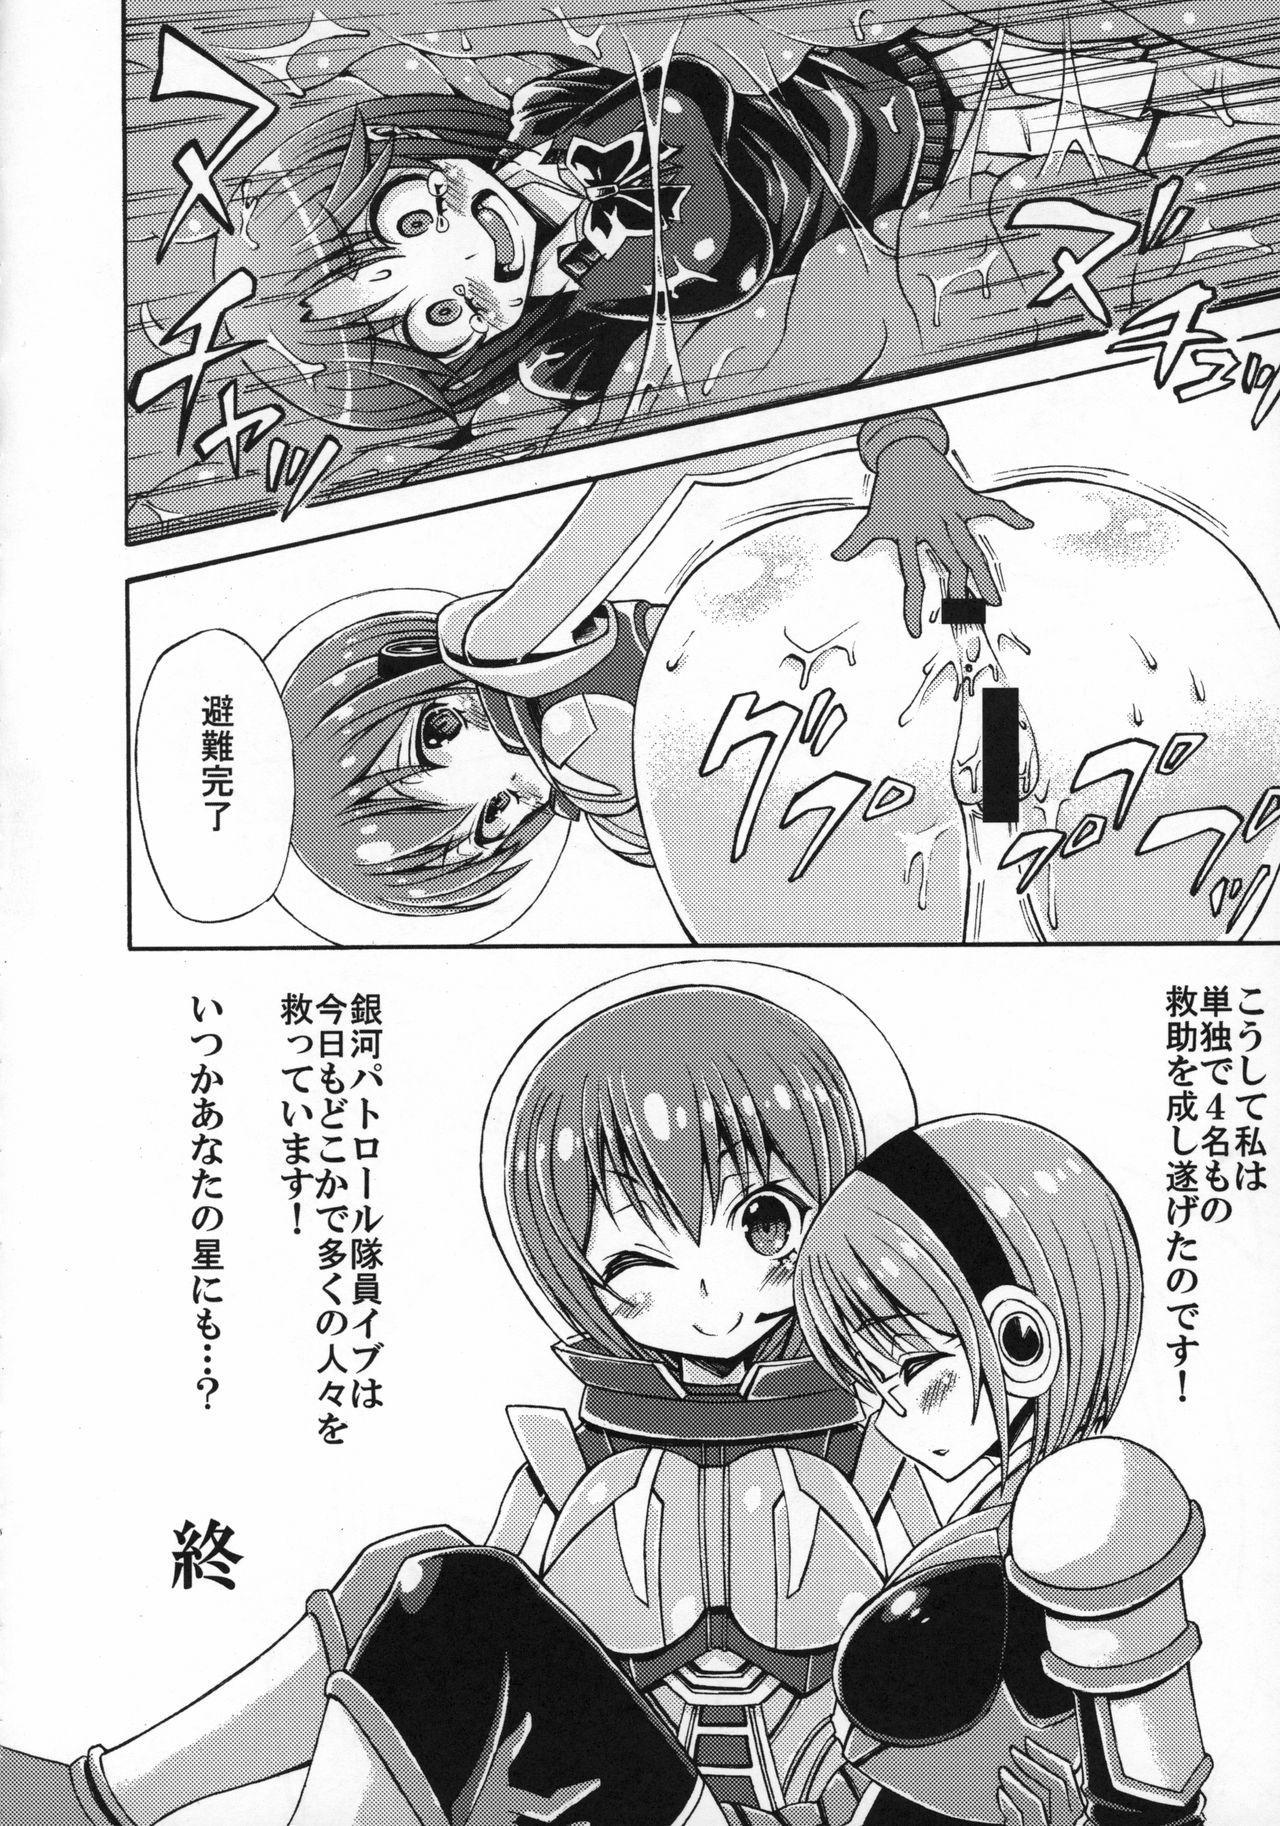 Uchuujin x Kyojo / Size-sa Goudoushi Reiwagou 24